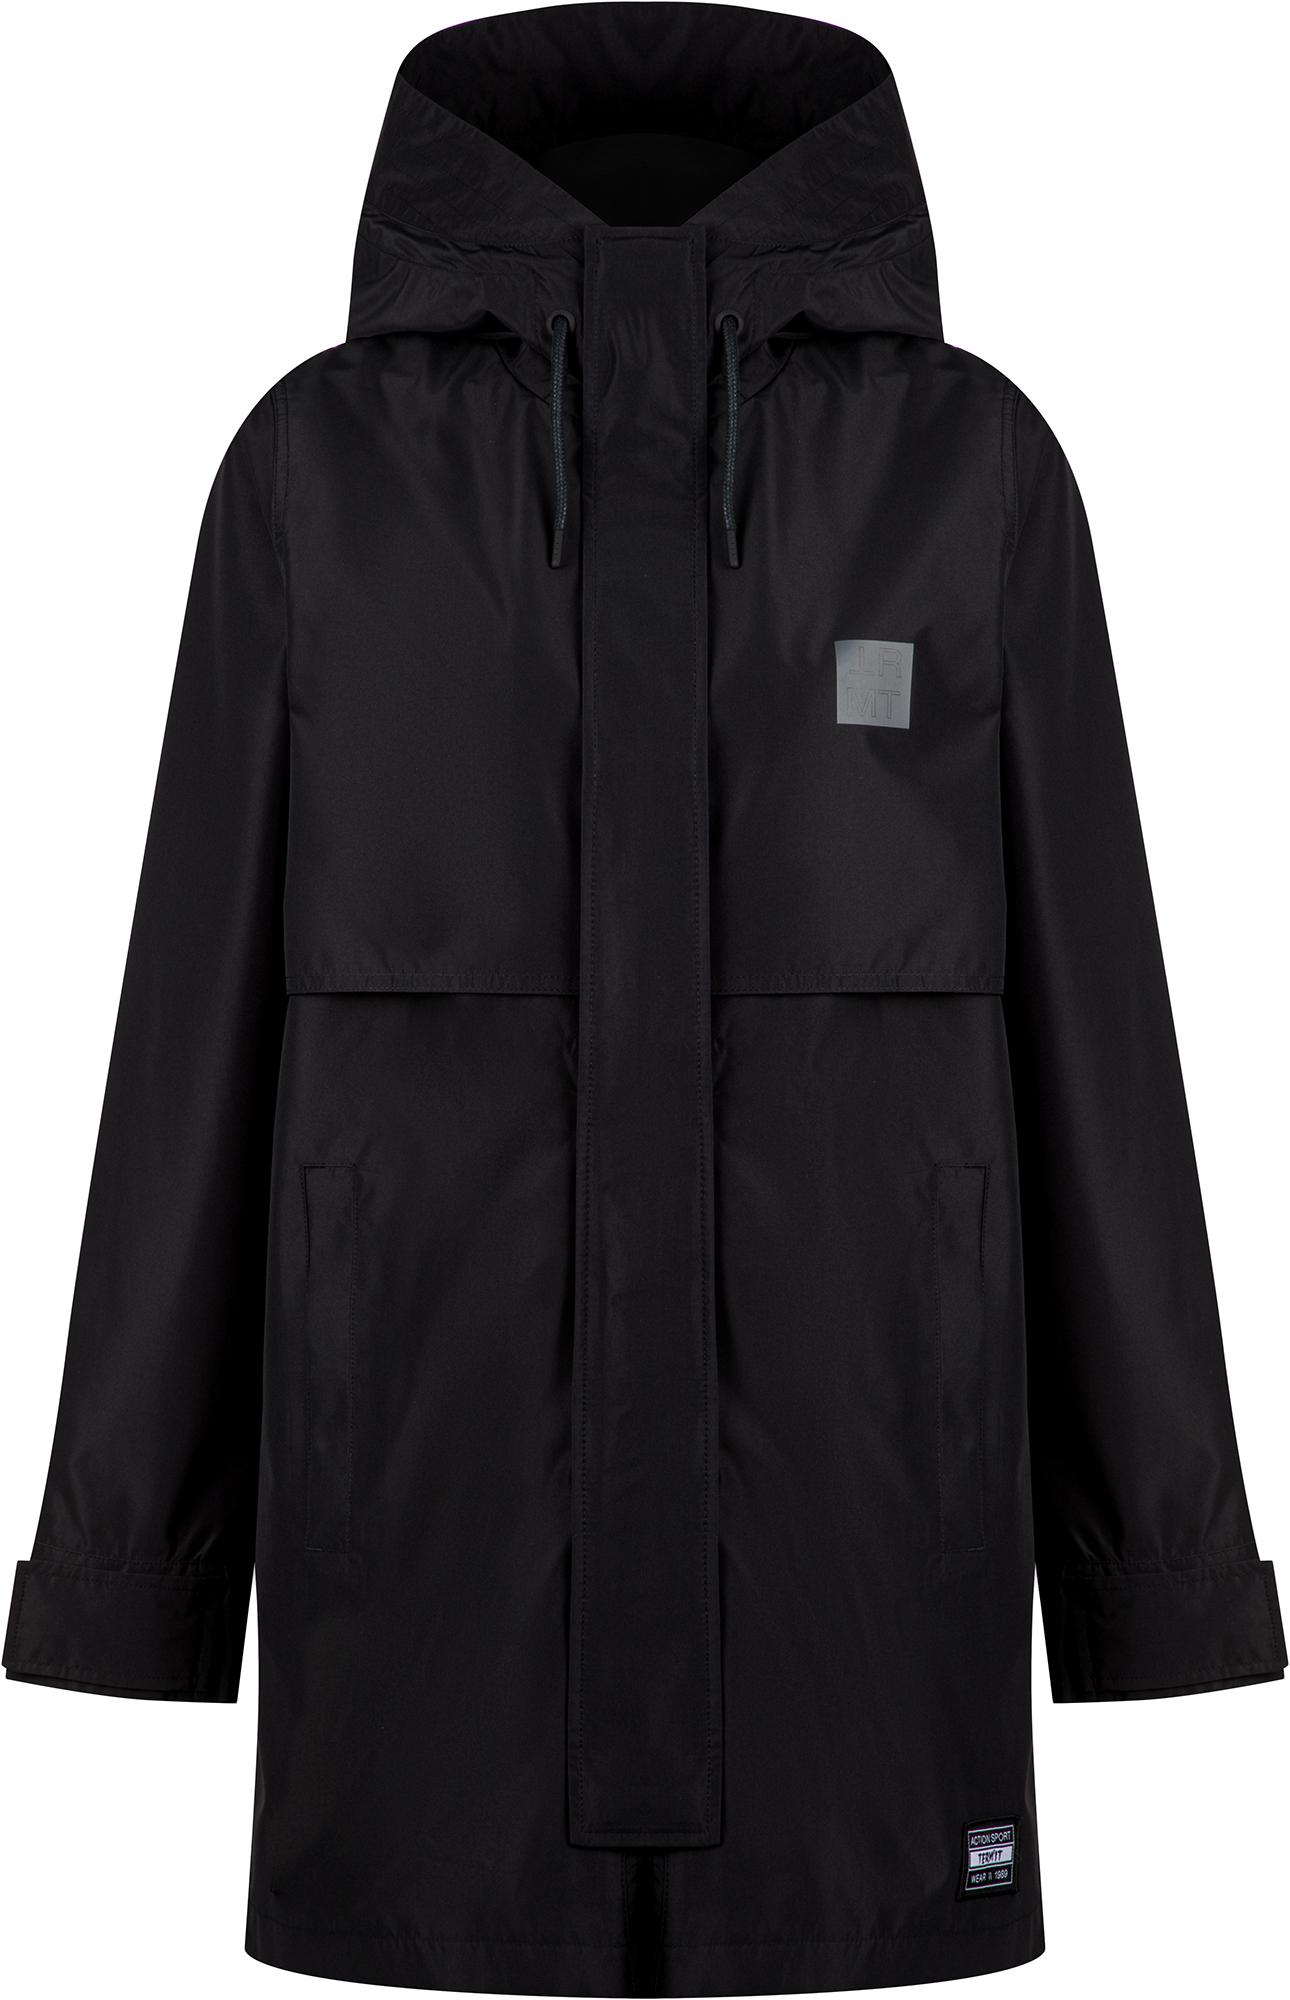 Termit Куртка женская Termit, размер 52